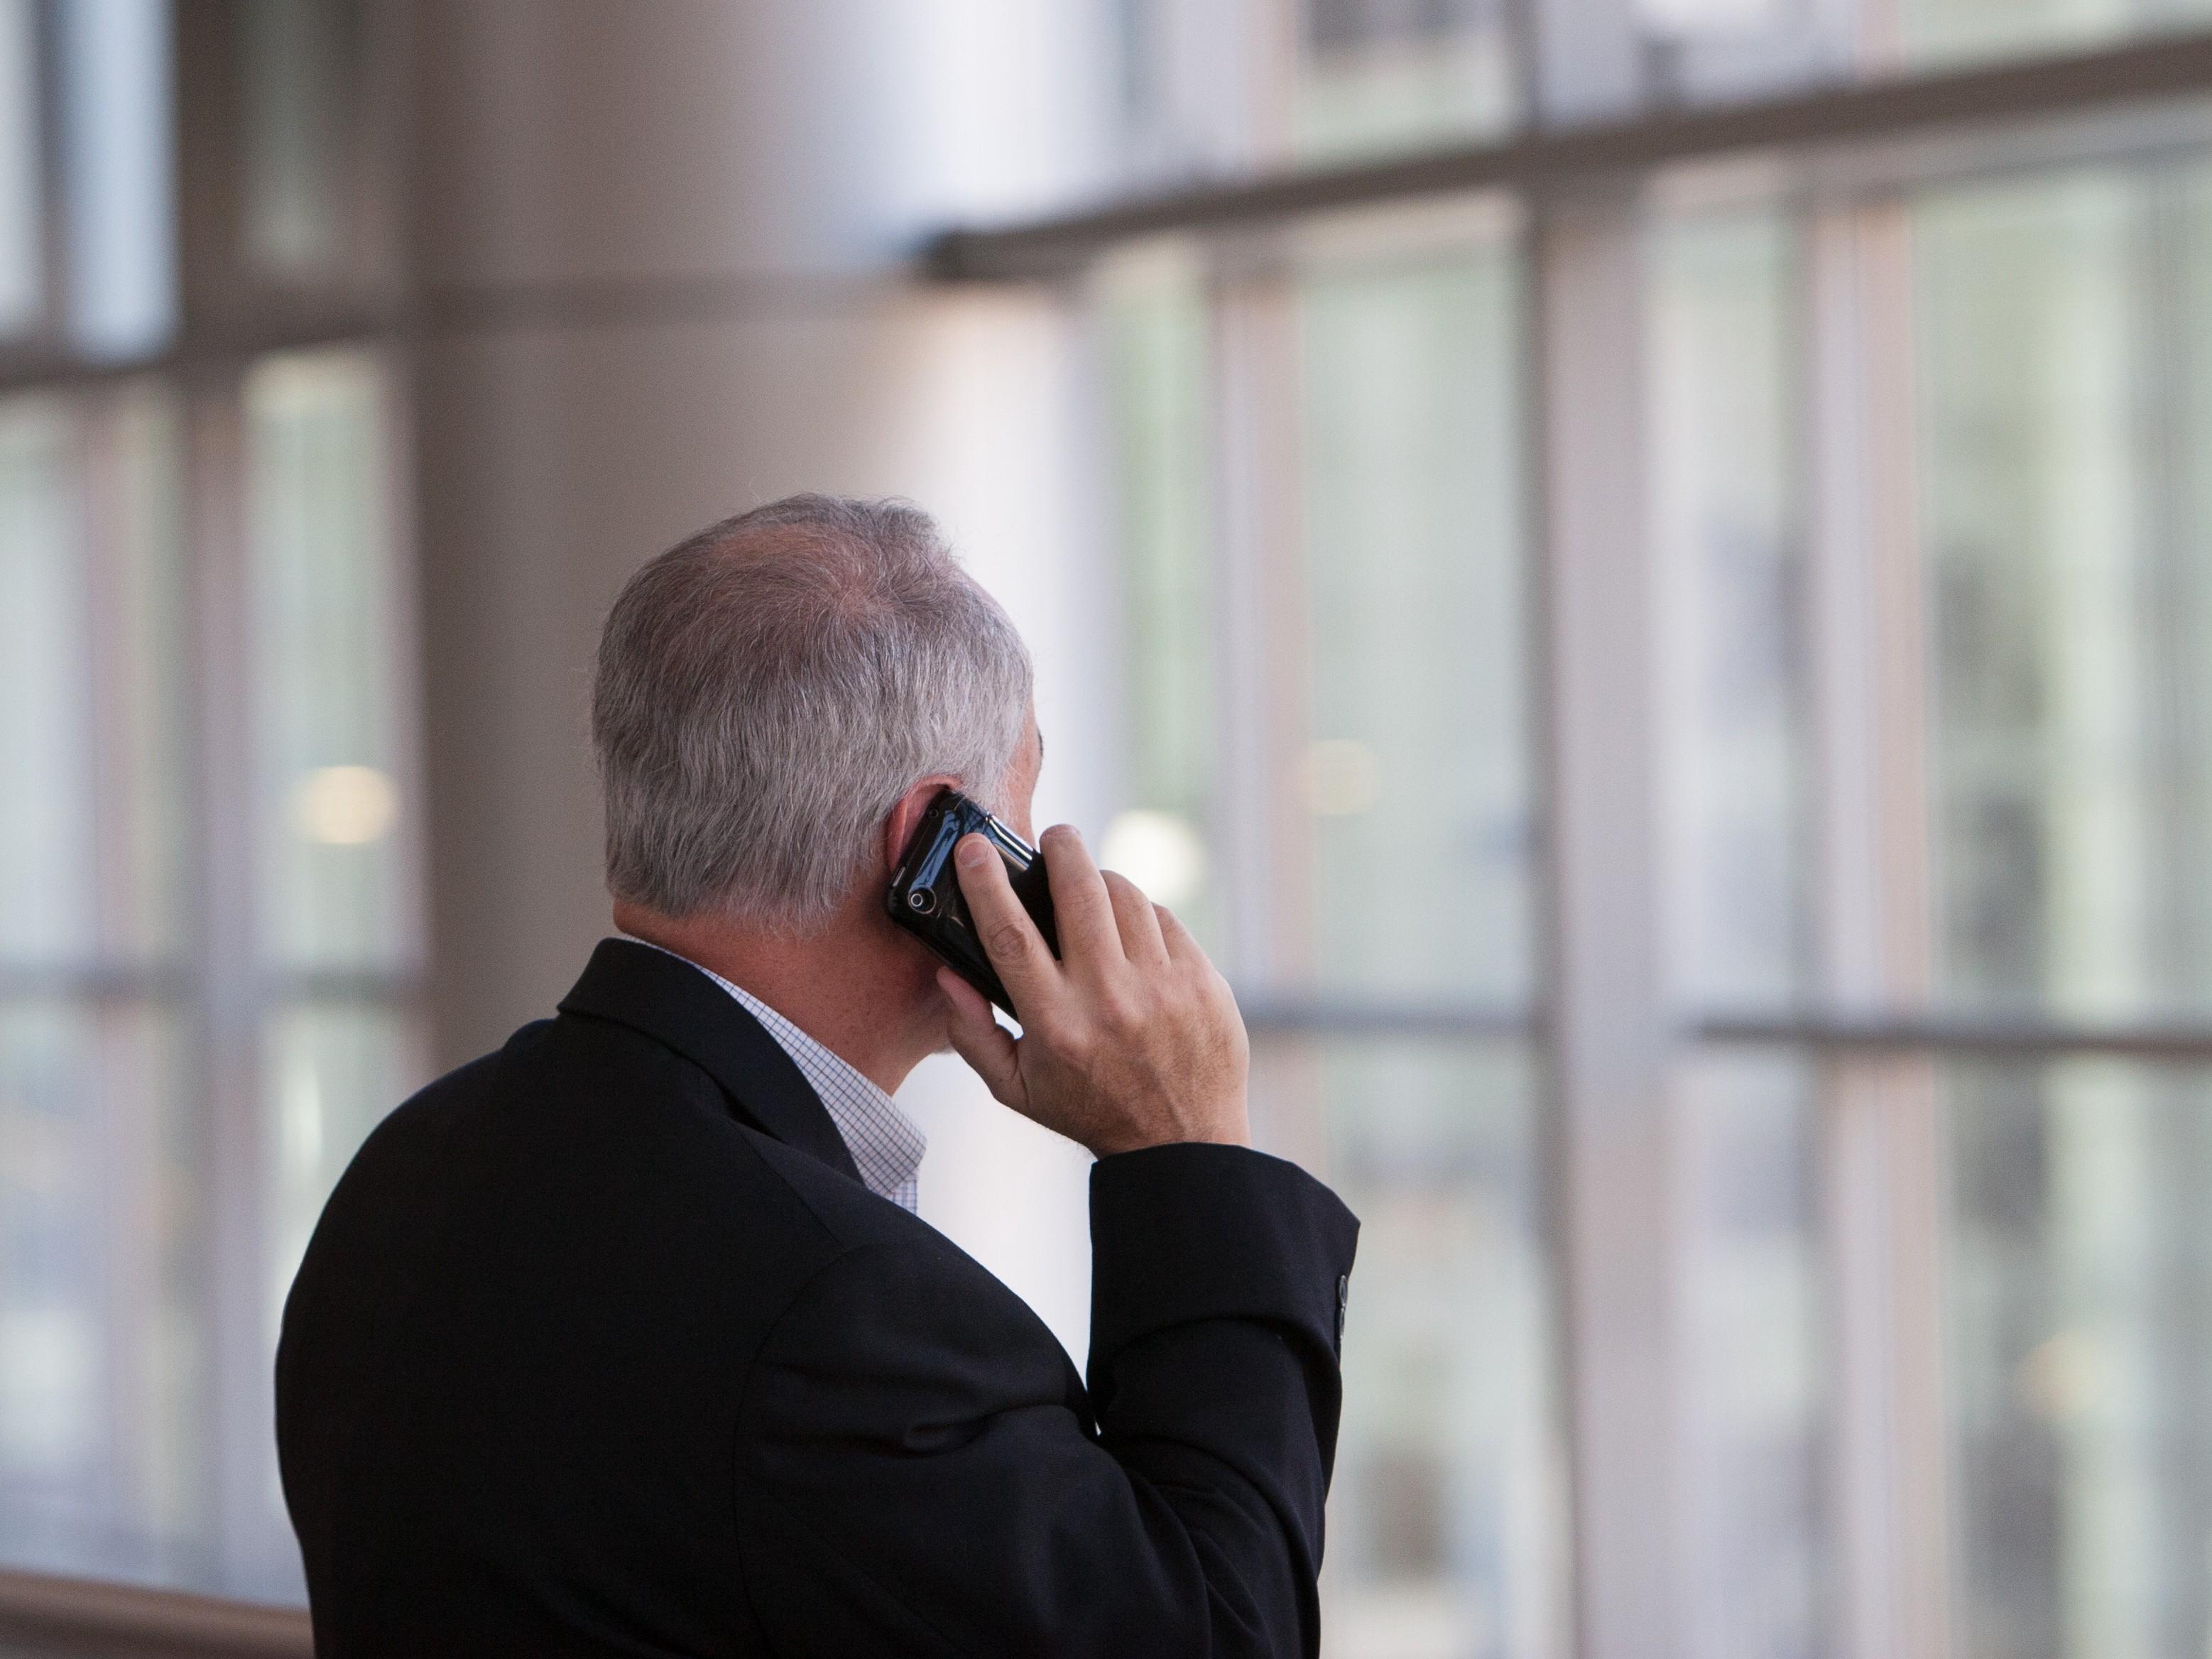 a man on a phone call